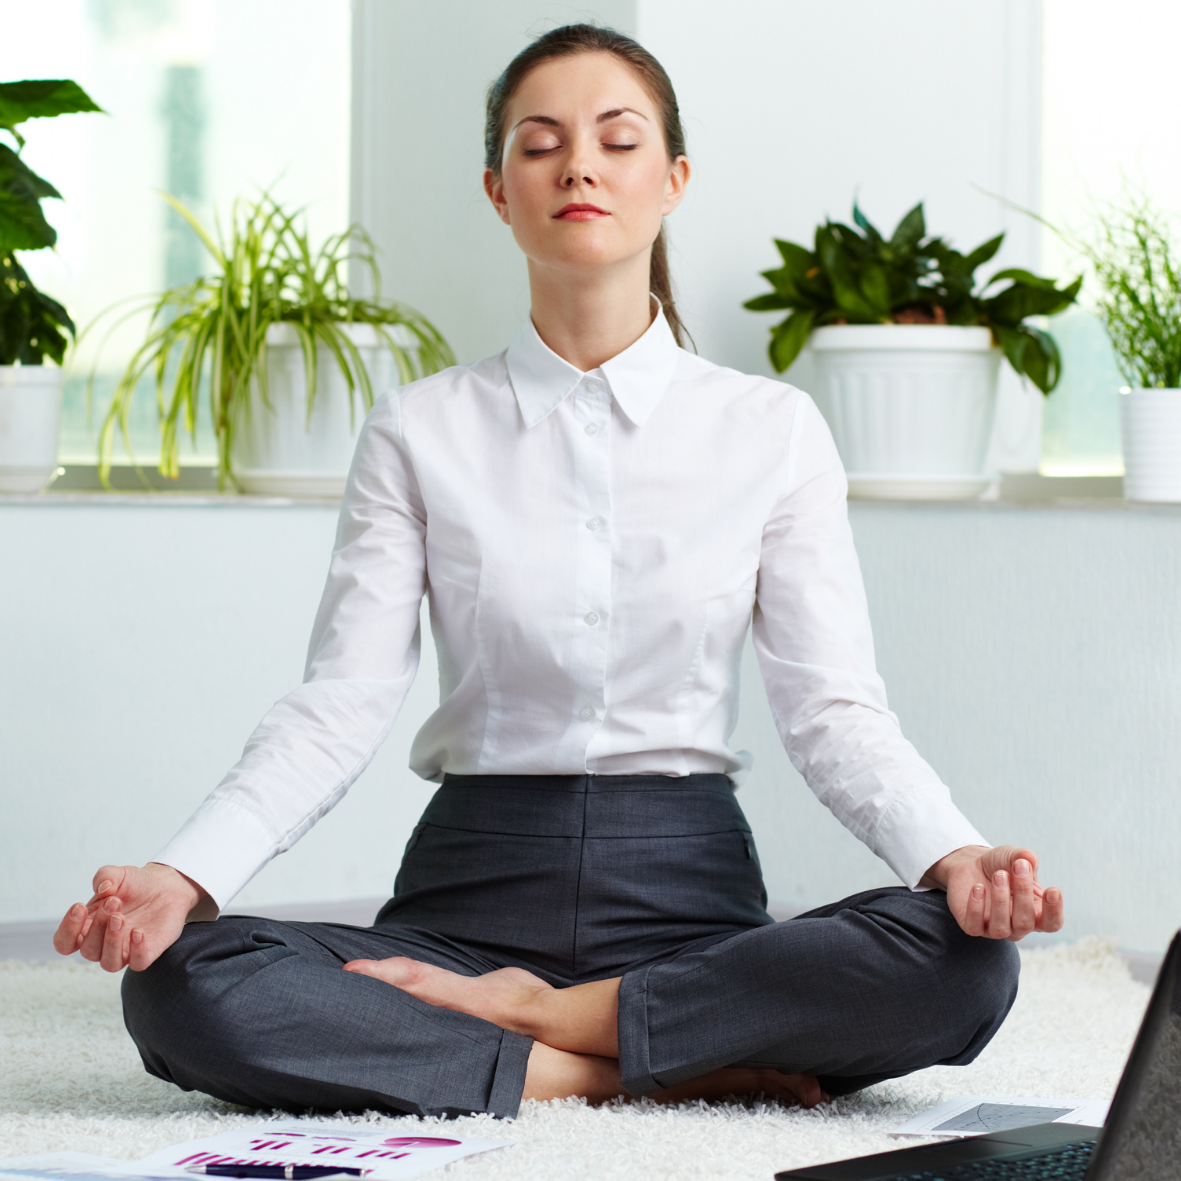 Entspannungstraining Achtsamkeit im Beruf